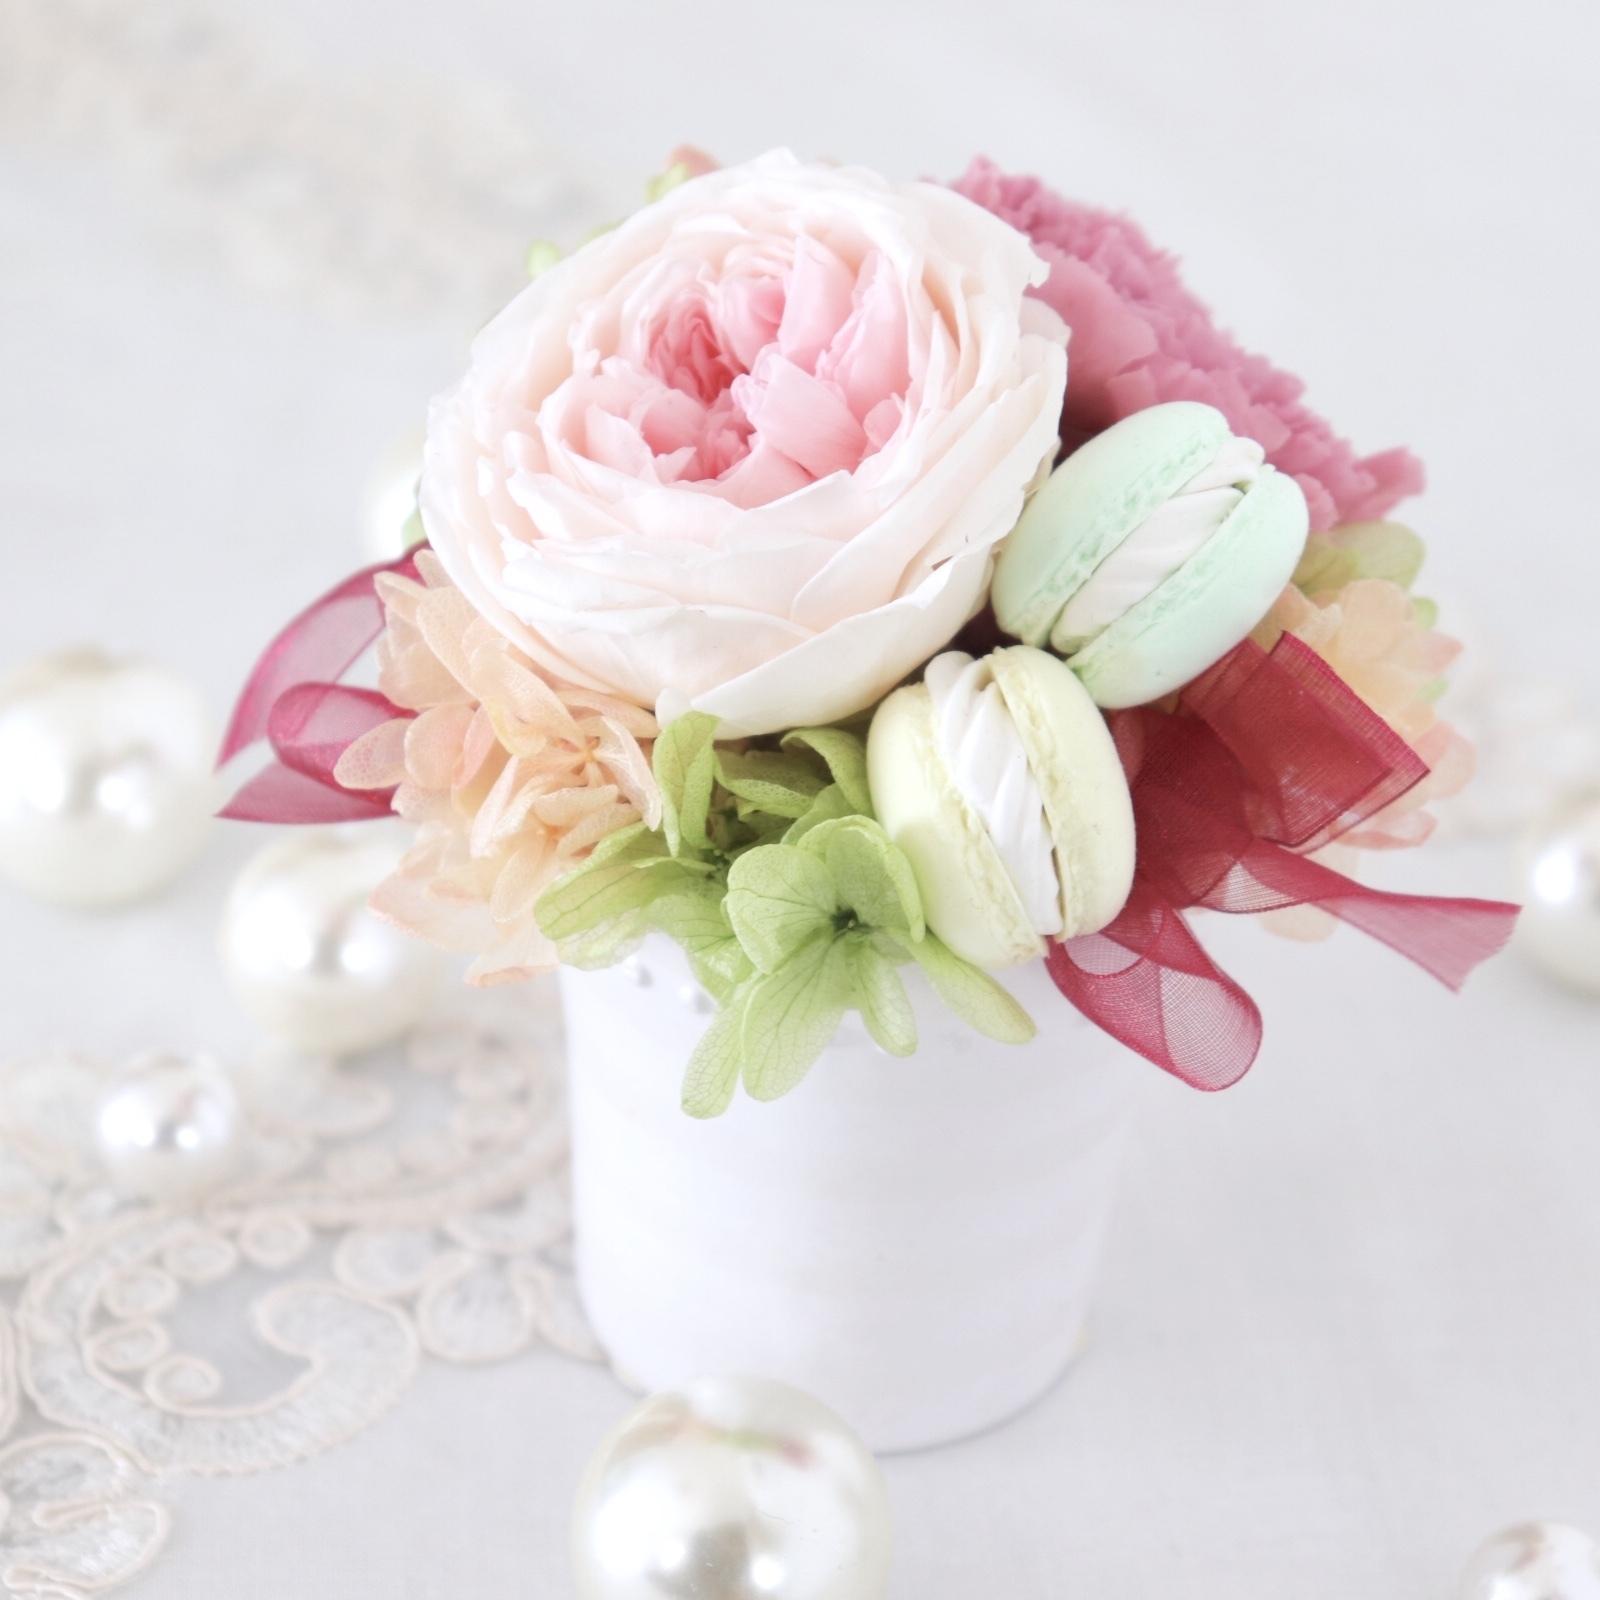 【プリザ】 カップ咲きバラとカーネーションとマカロンのかわいいアレンジ